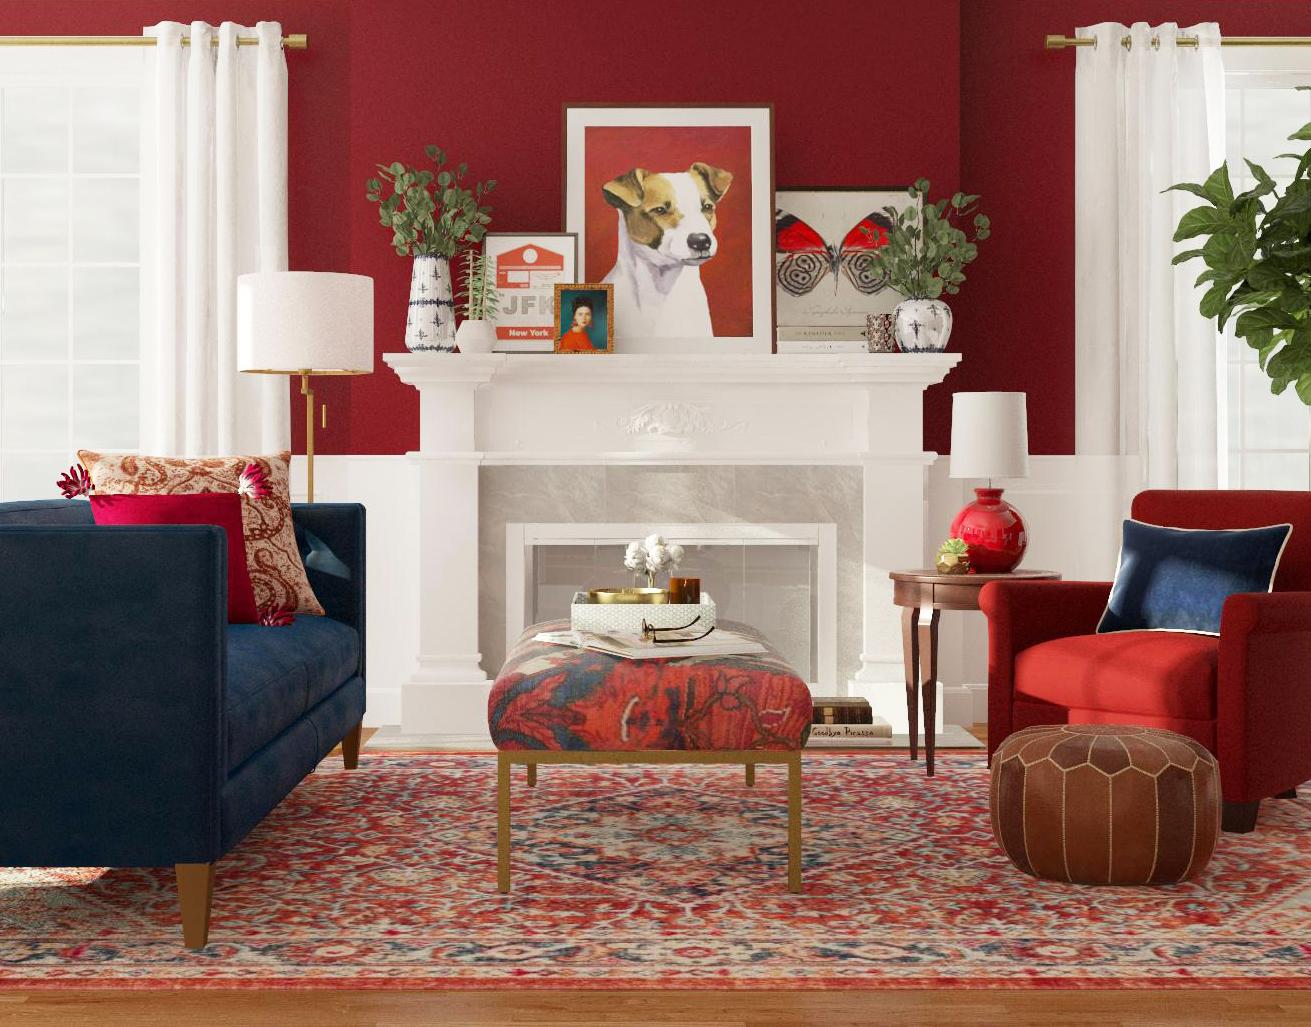 Thiết kế phòng khách màu đỏ kiểu cổ điển